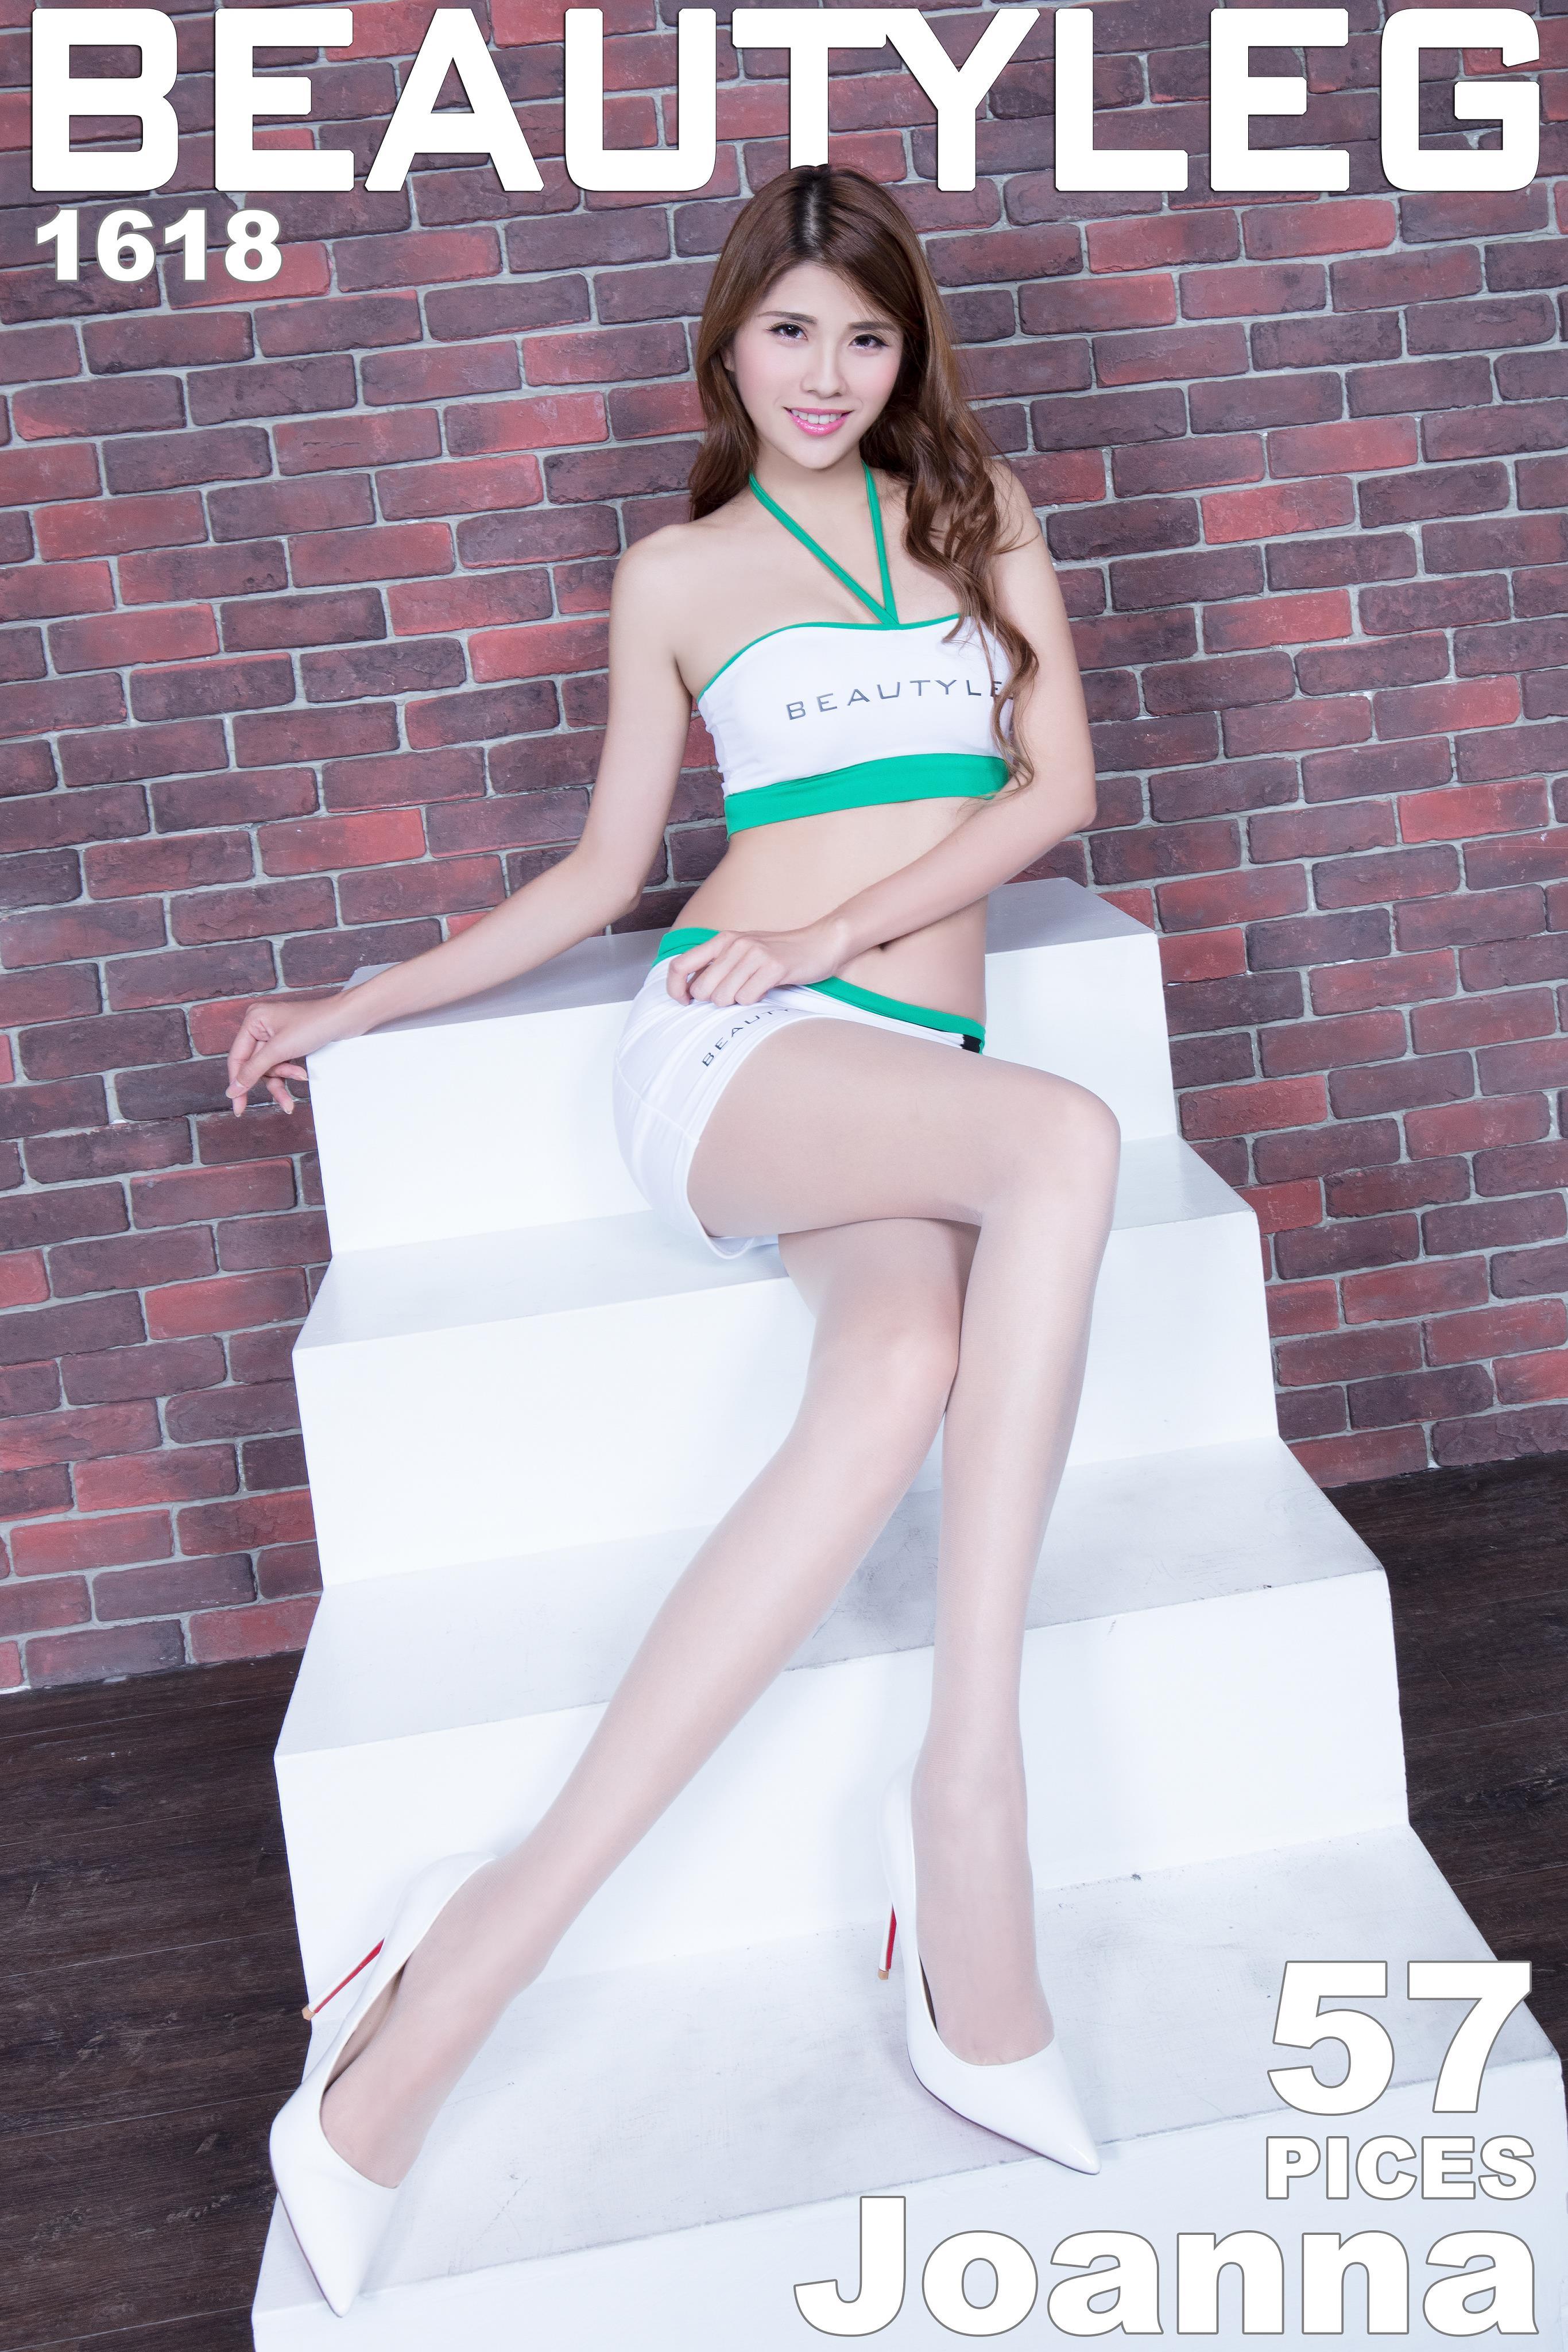 [beautyleg美腿写真]No.1618 Joanna 白色赛车女郎制服短裙加肉色丝袜美腿性感私房写真集